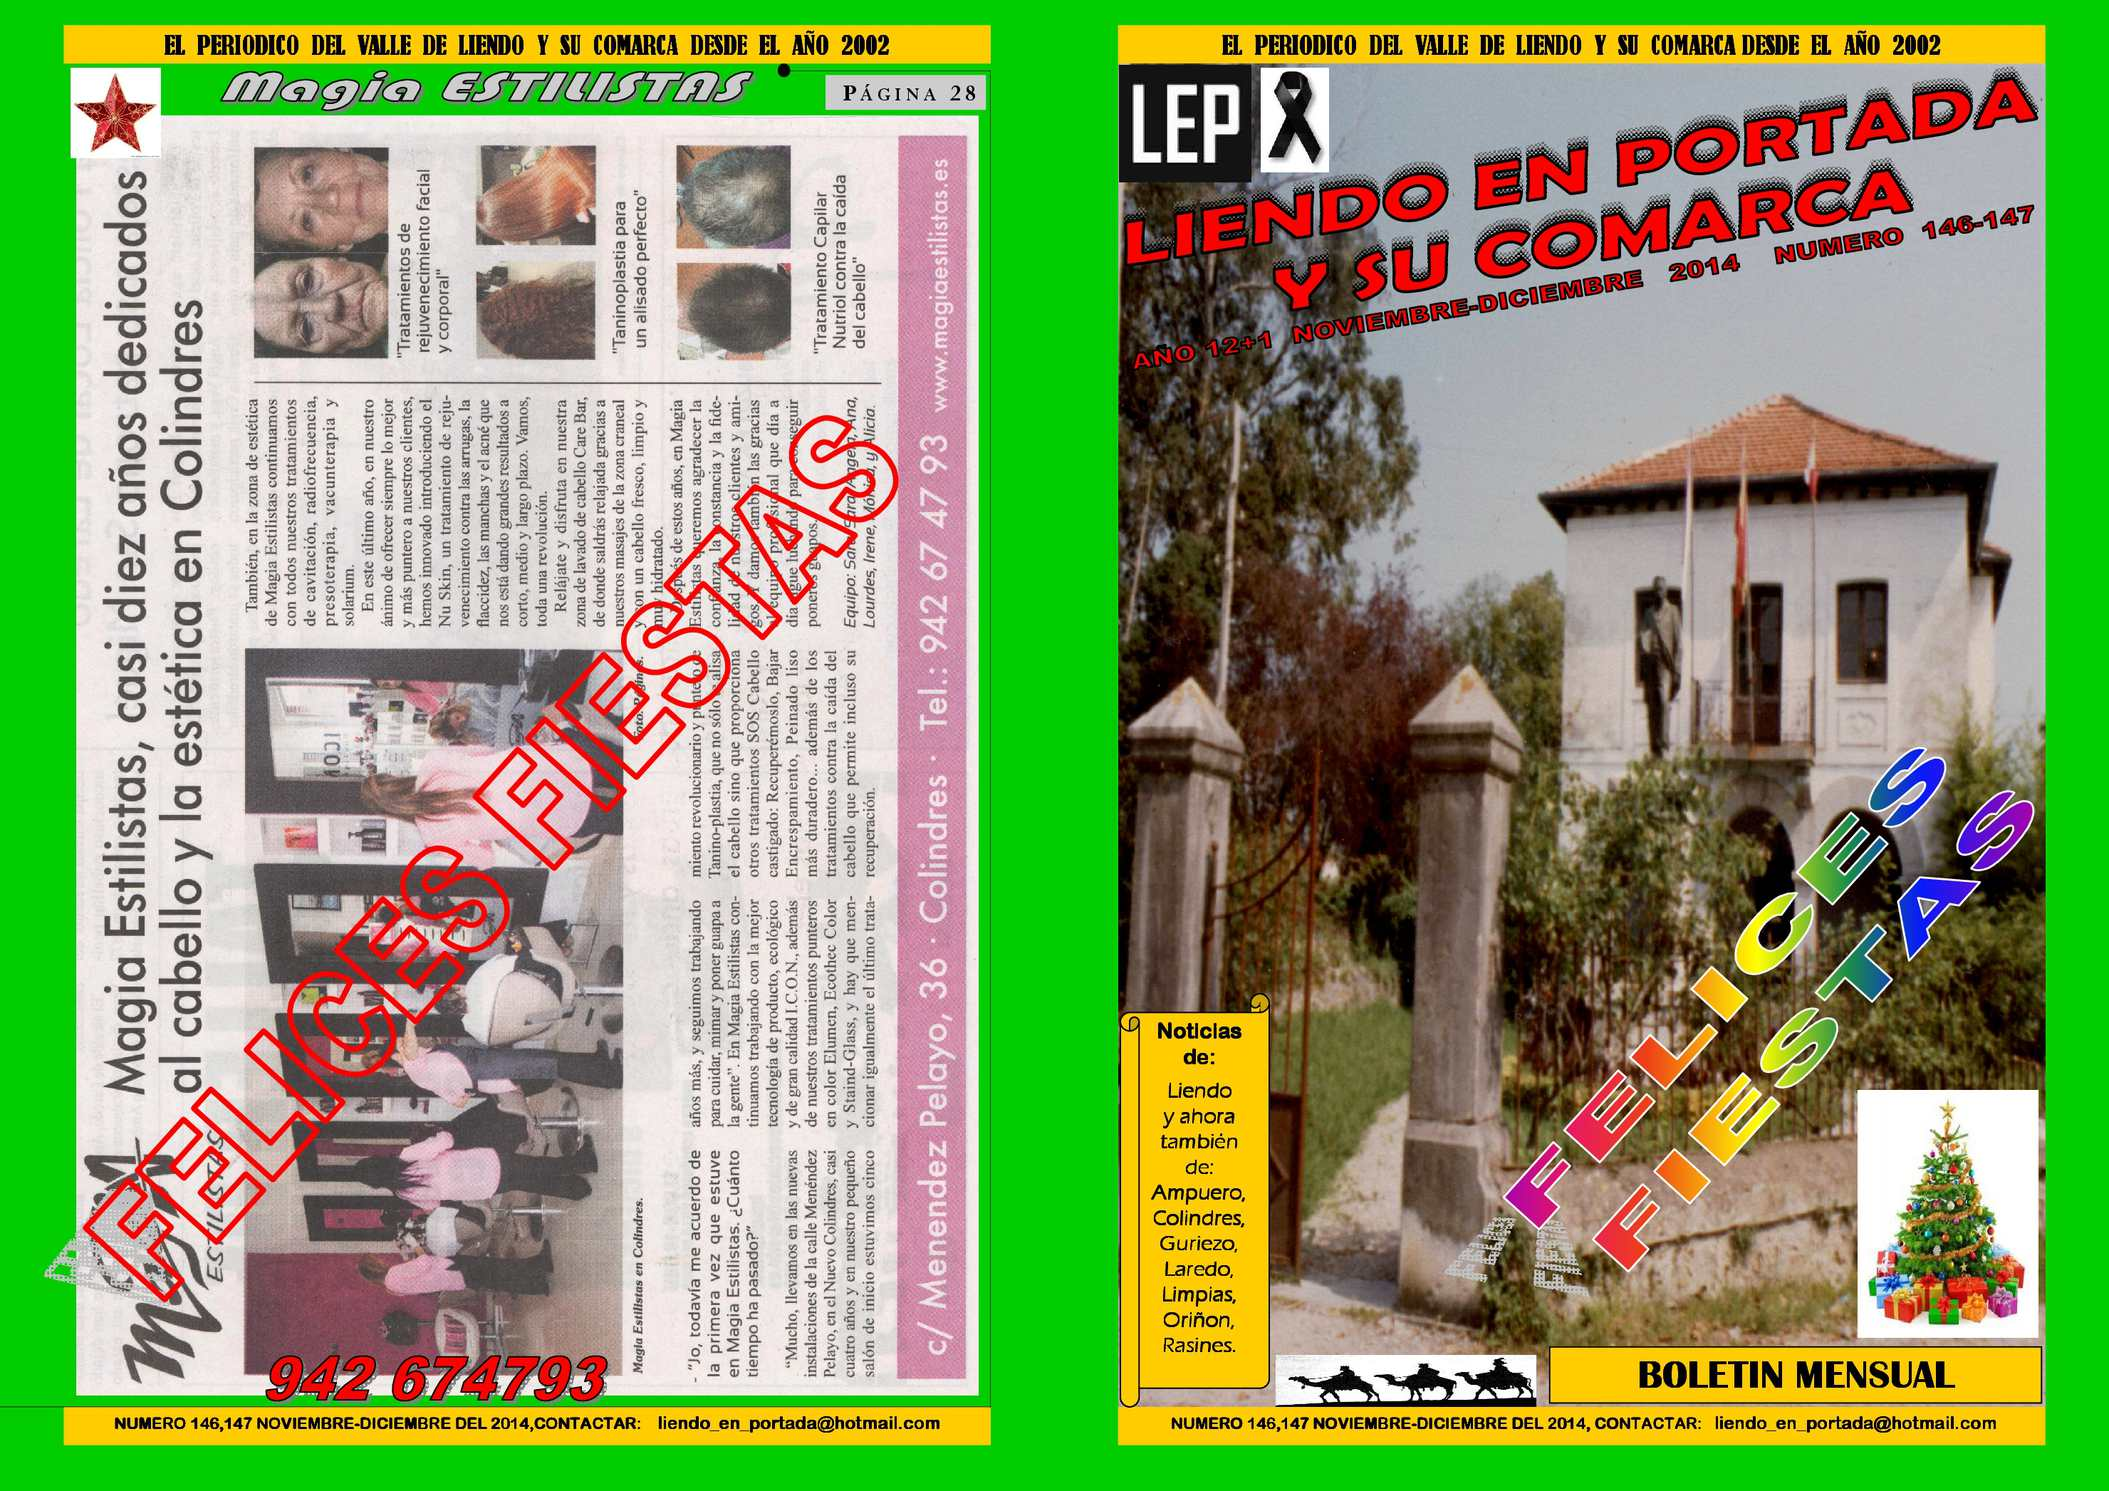 6bac85b681 Calaméo - LIENDO EN PORTADA